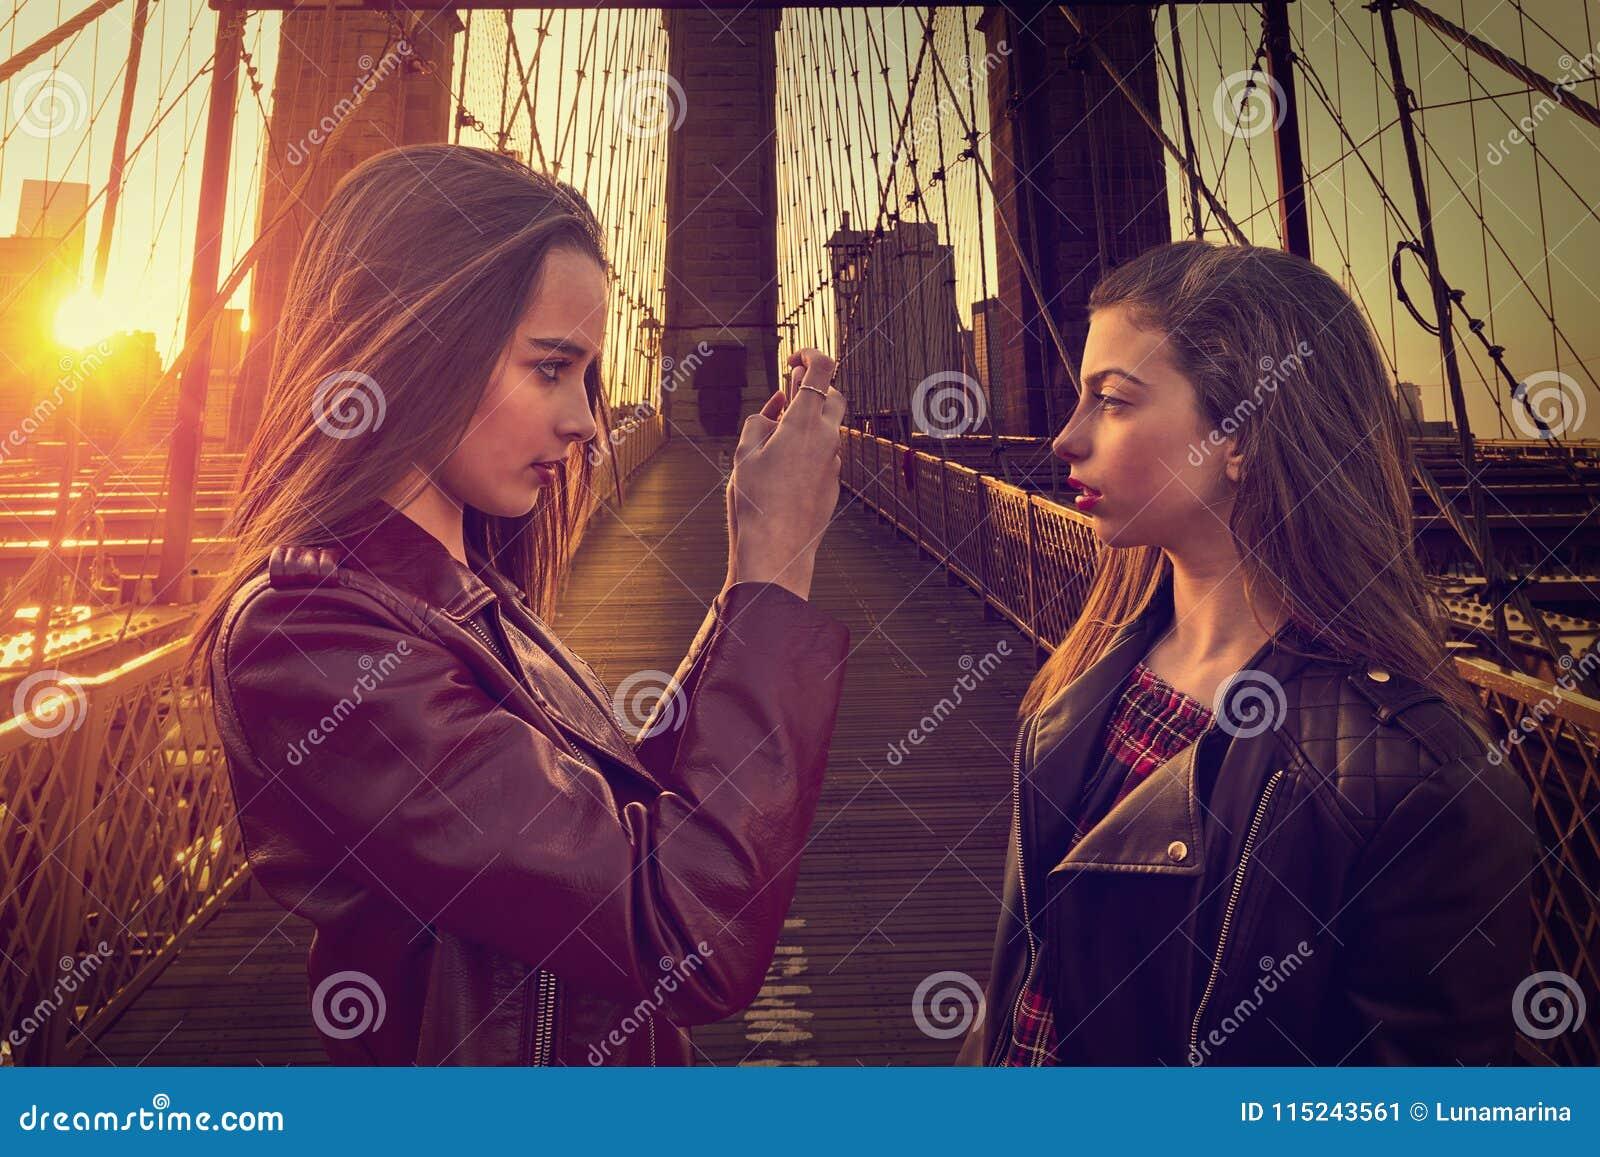 Ragazze turistiche teenager che prendono foto in ponte di Brooklyn NY